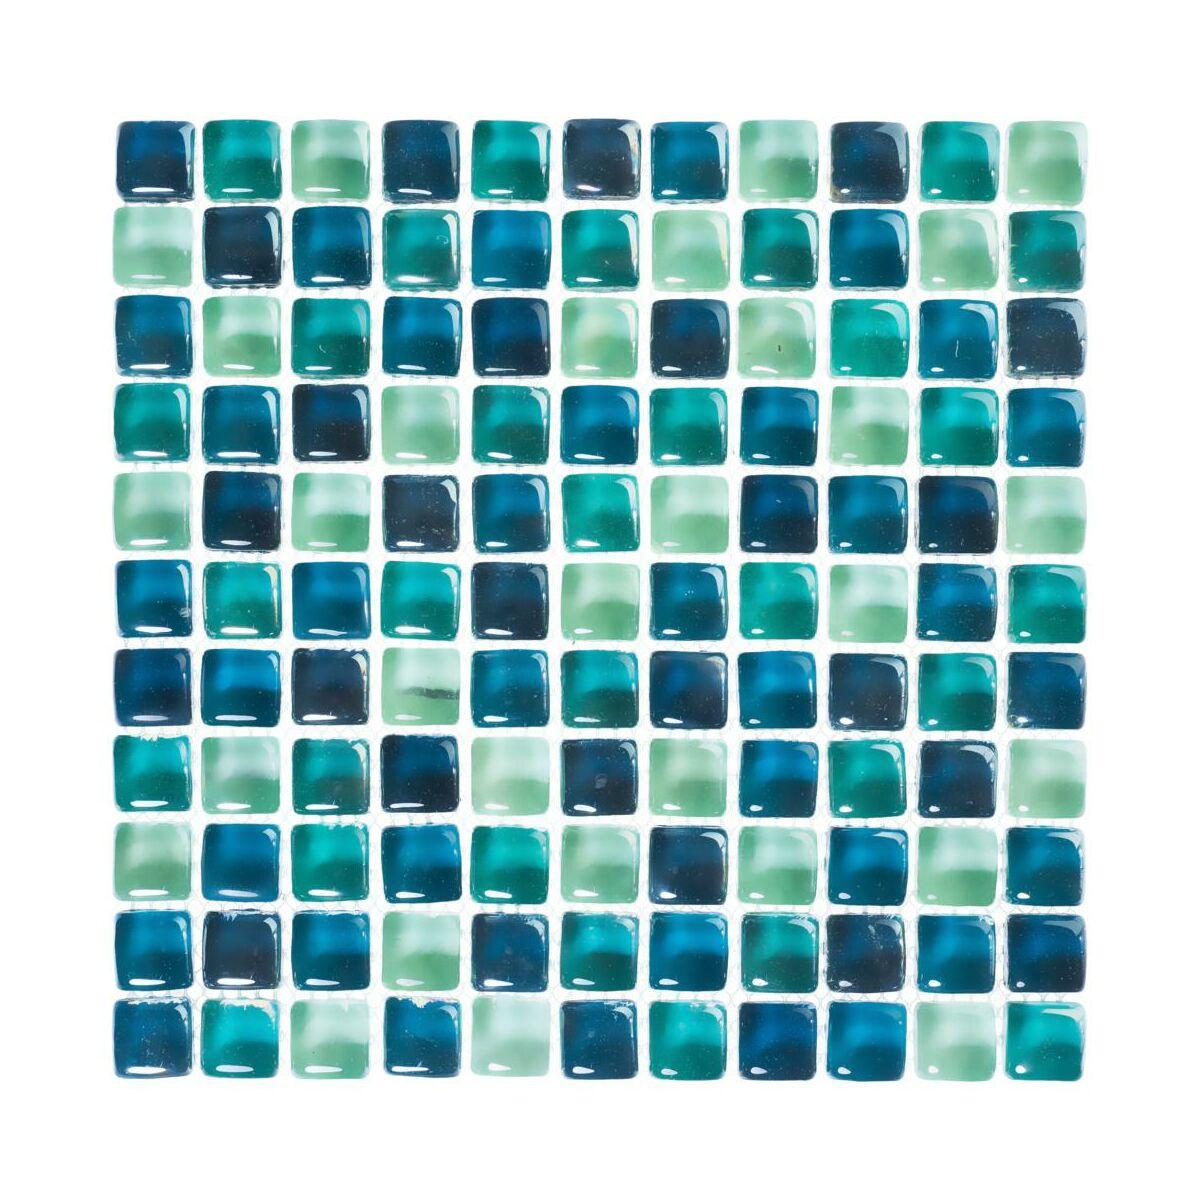 mozaika bubble szklana 30 x 30 cm glazura w atrakcyjnej cenie w sklepach leroy merlin. Black Bedroom Furniture Sets. Home Design Ideas